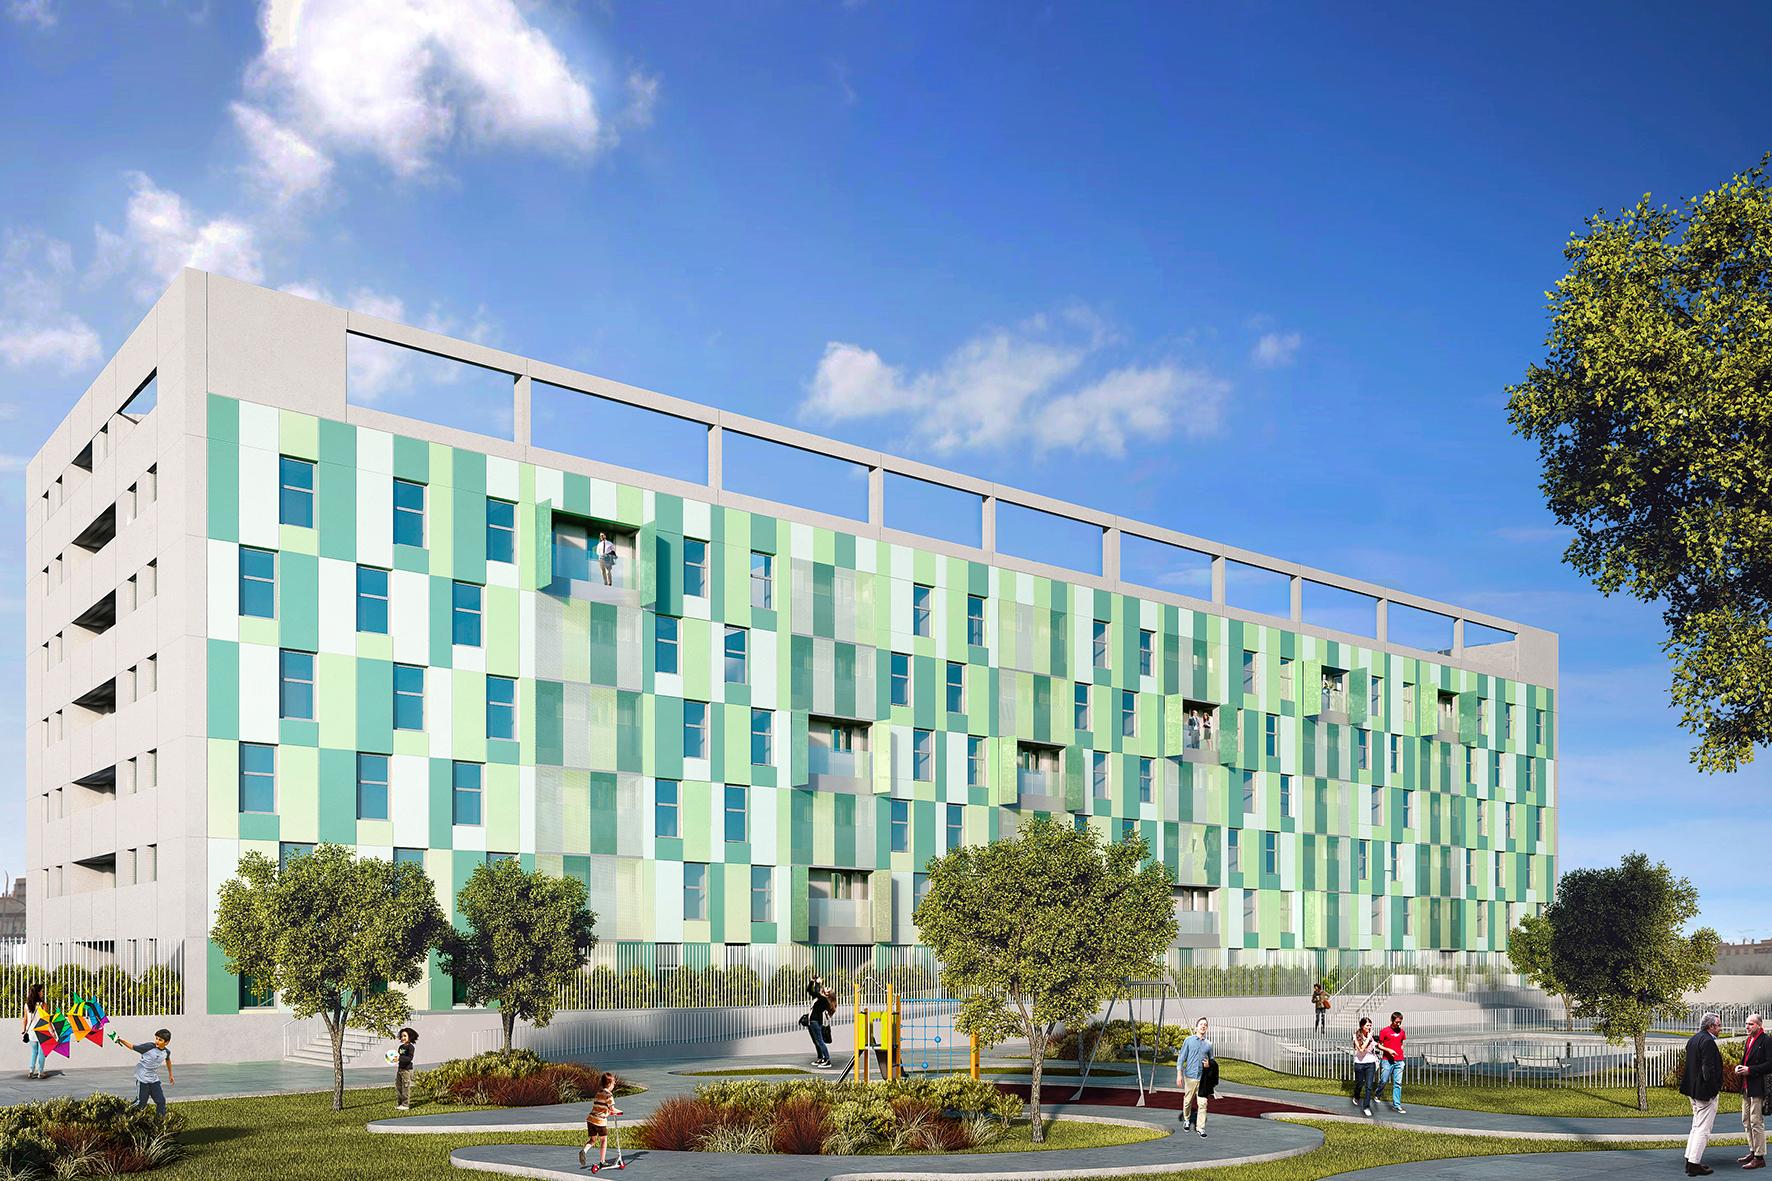 104 viviendas de protecci n oficial en c rdoba unia arquitectos - Arquitectos en cordoba ...